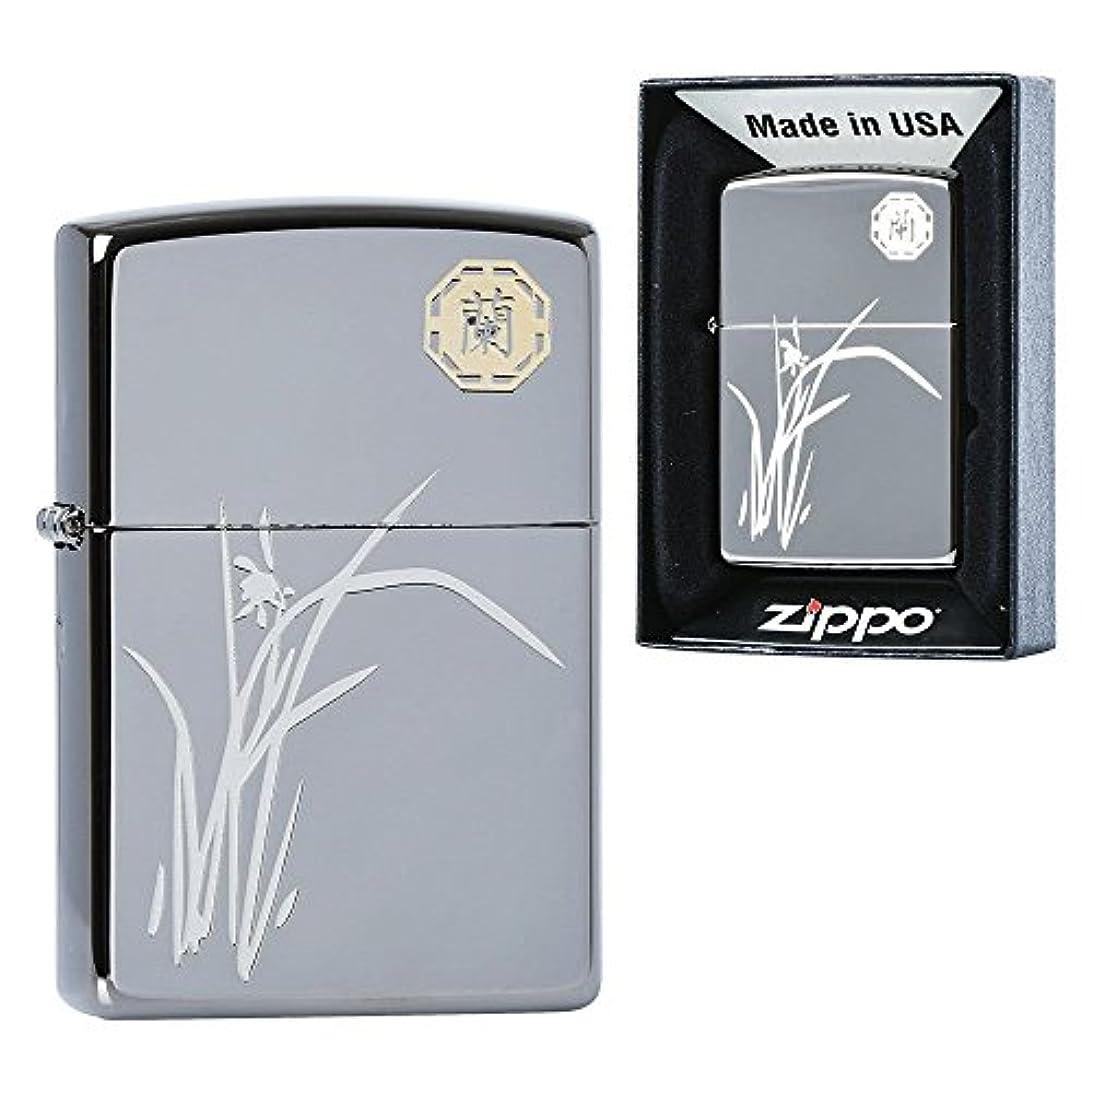 傷つける打倒黒くするZippo Neo Orchid Lighters メイドインアメリカの韓国版 [並行輸入品]